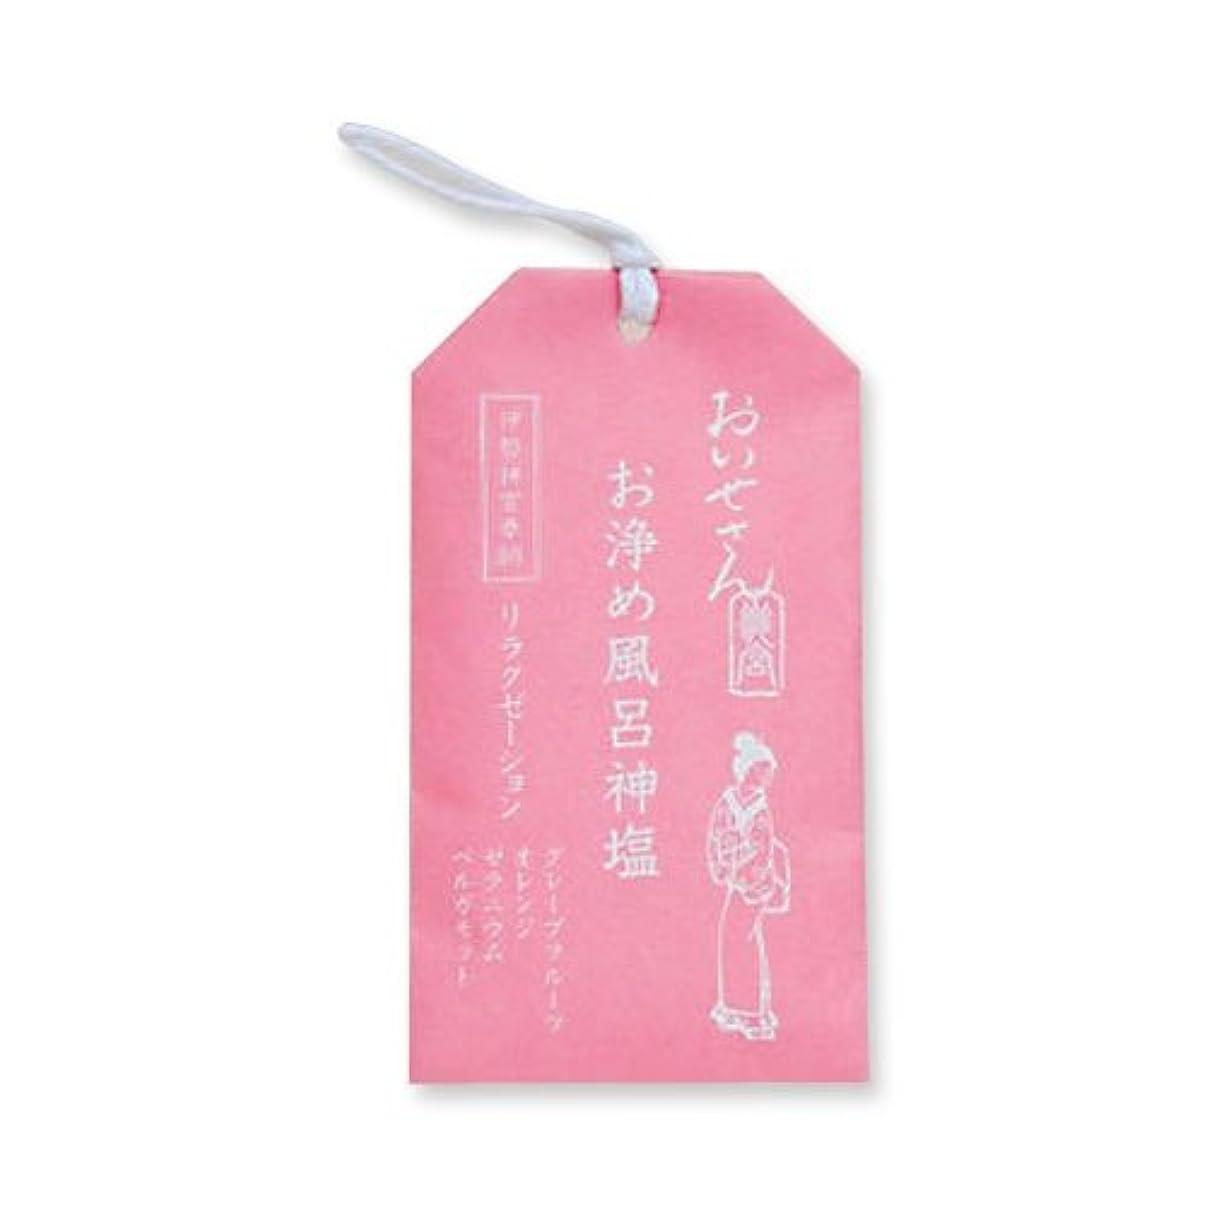 アンテナメッシュ憲法おいせさん お浄め風呂神塩 バス用ソルト(リラクゼーション) 20g